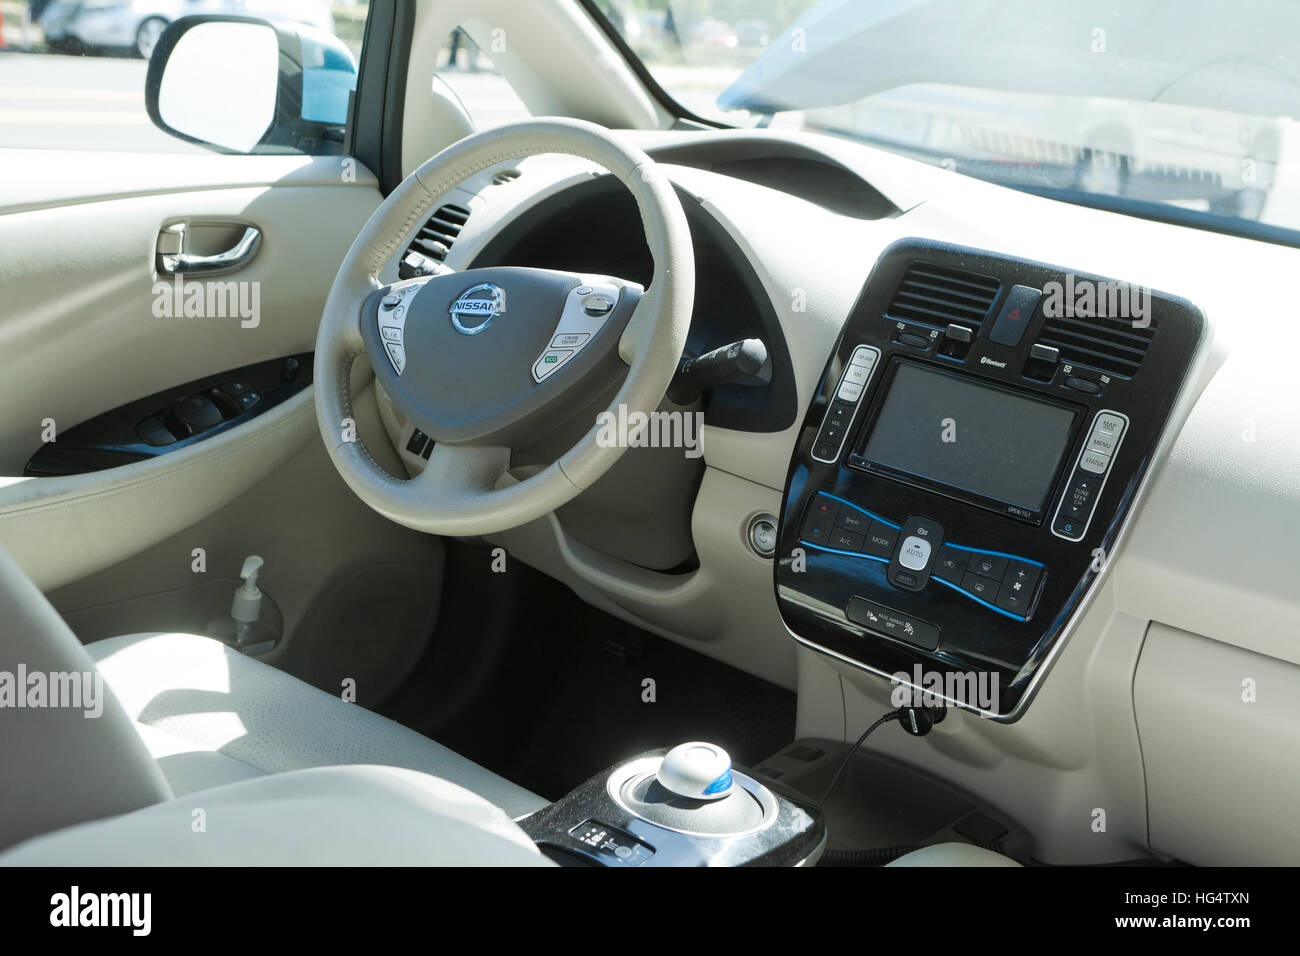 Nissan Leaf Electric Car Interior   USA